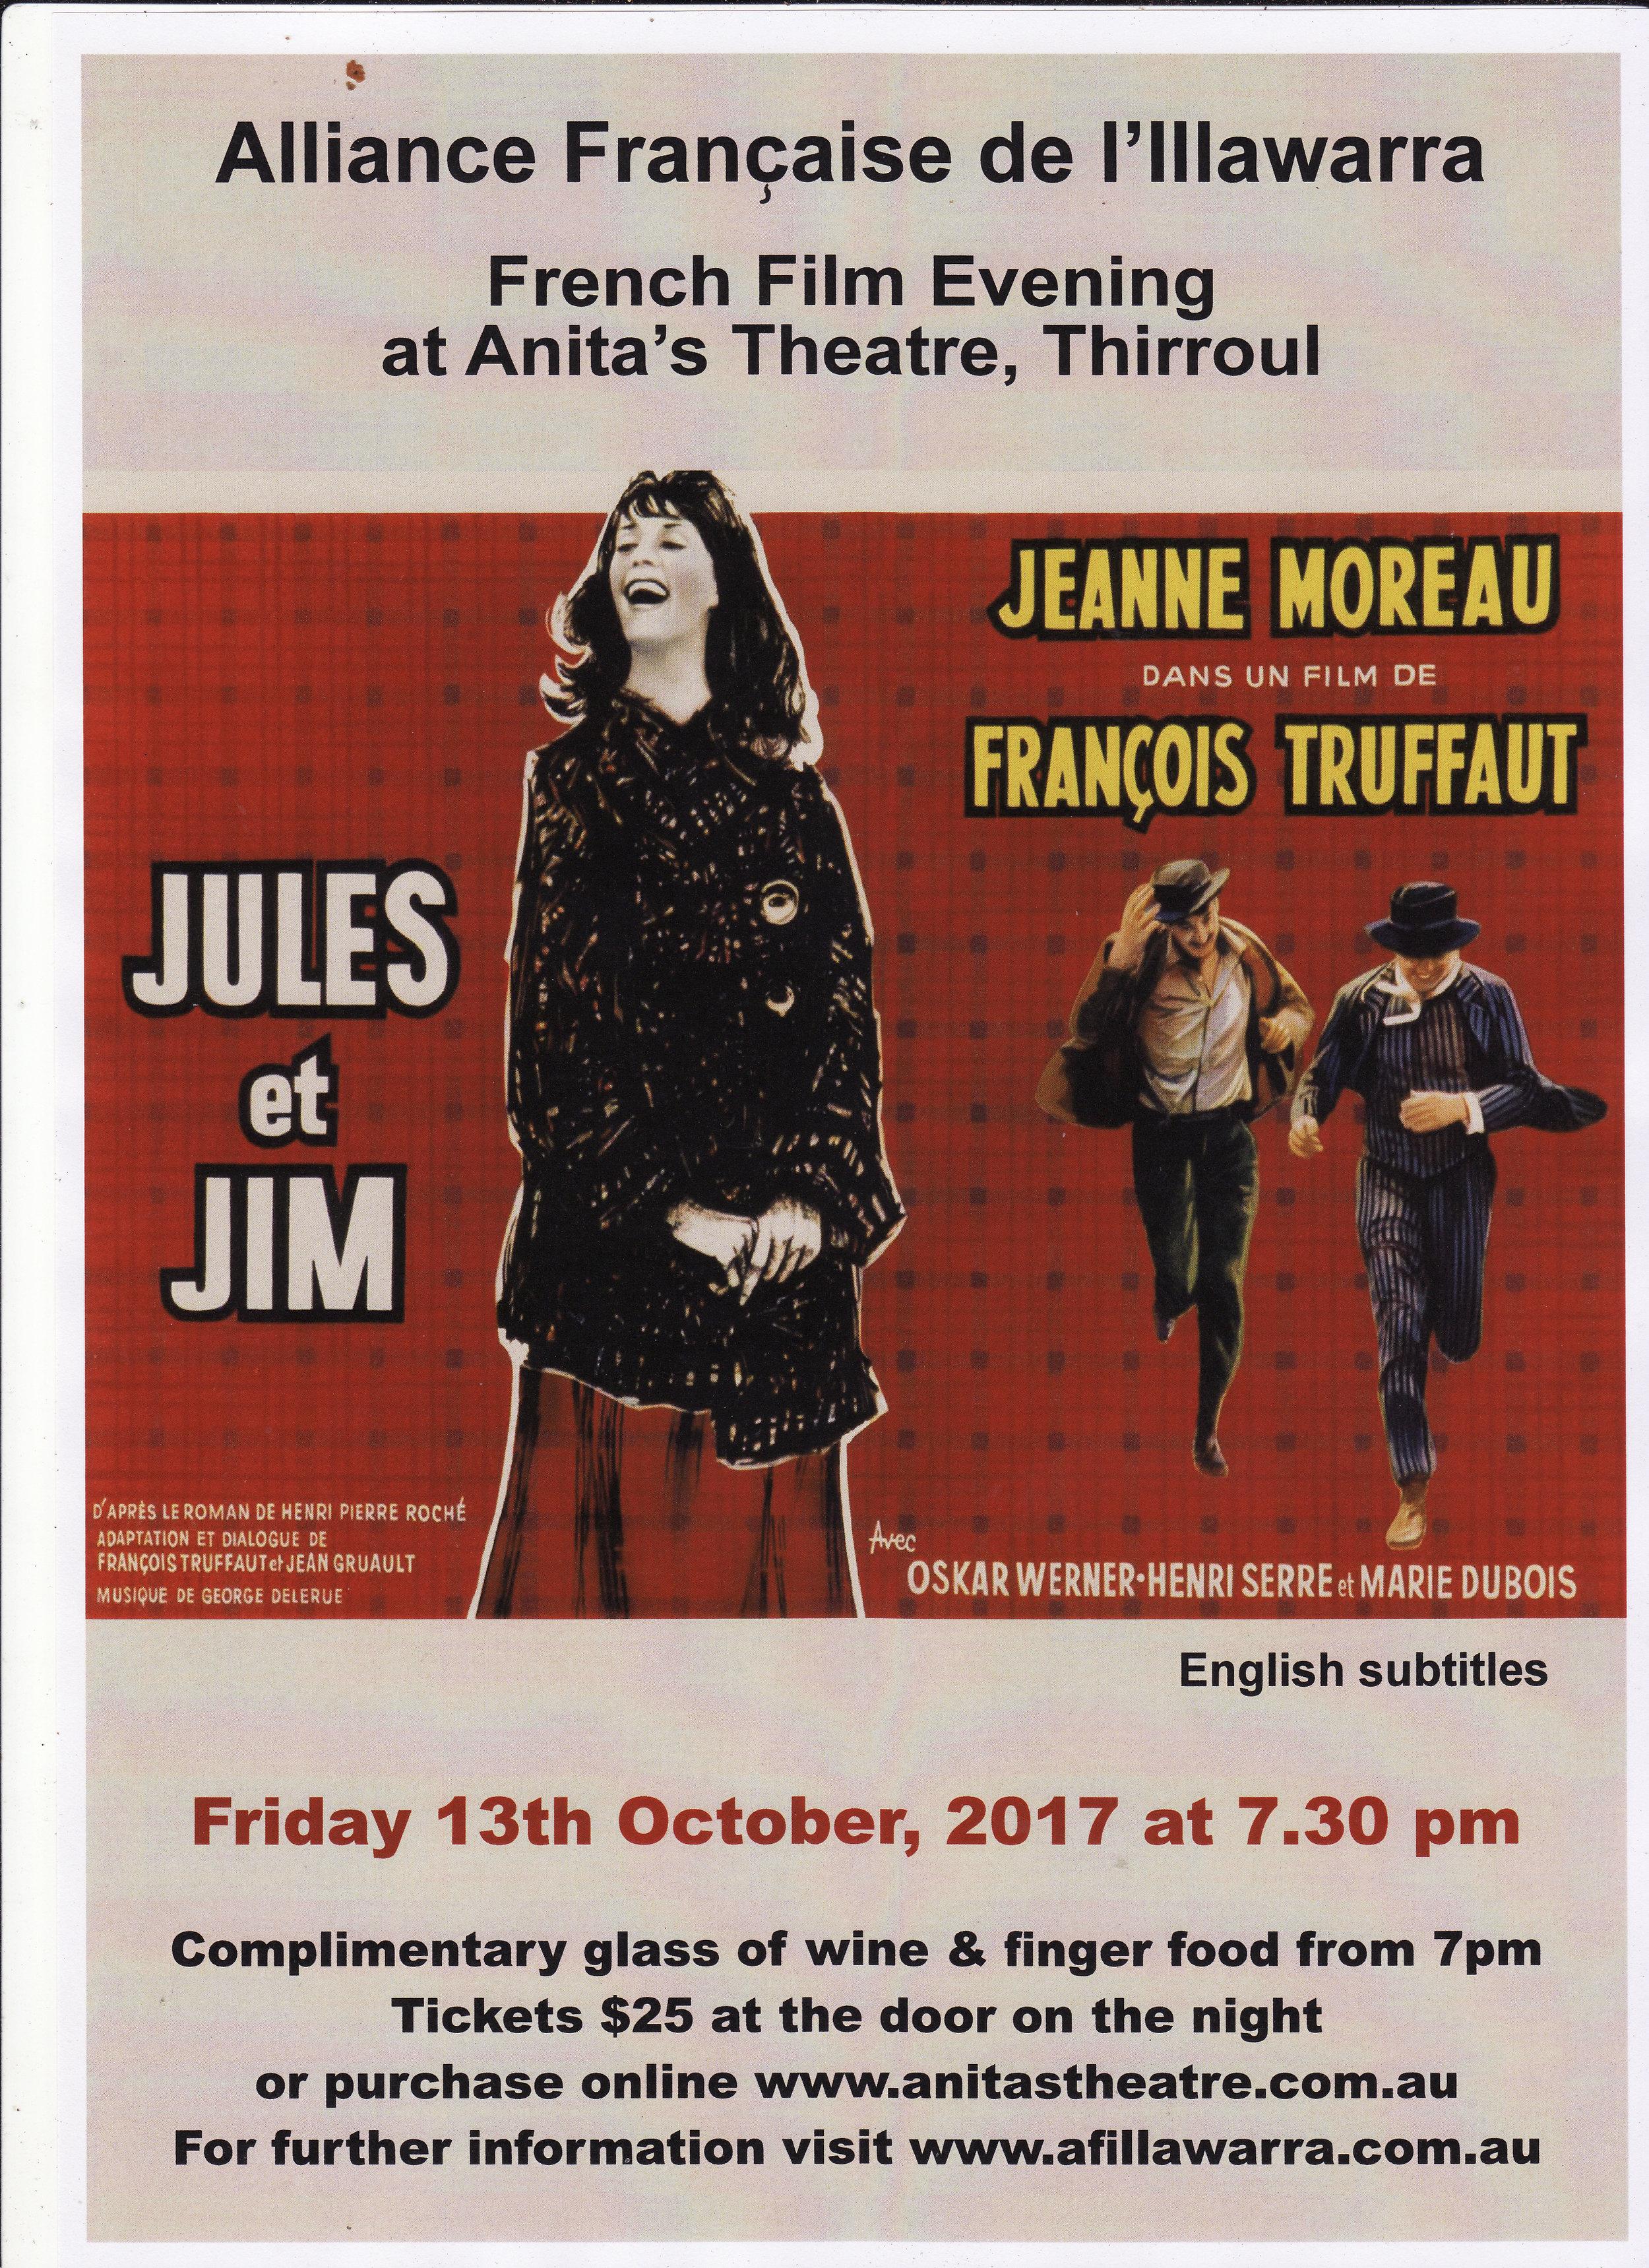 Jules et Jim Poster.jpg